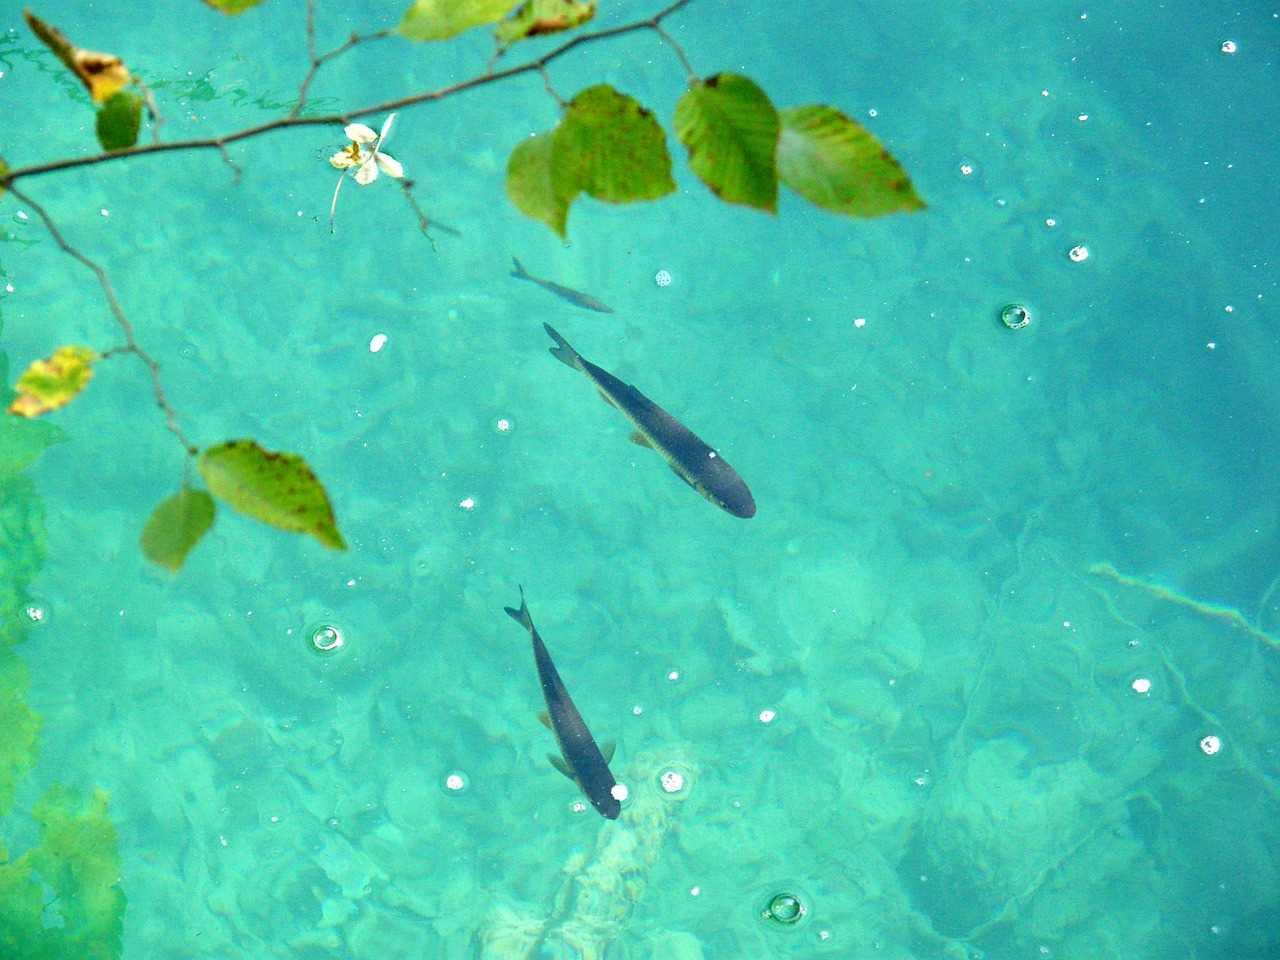 魚が楽しそうに泳いでる